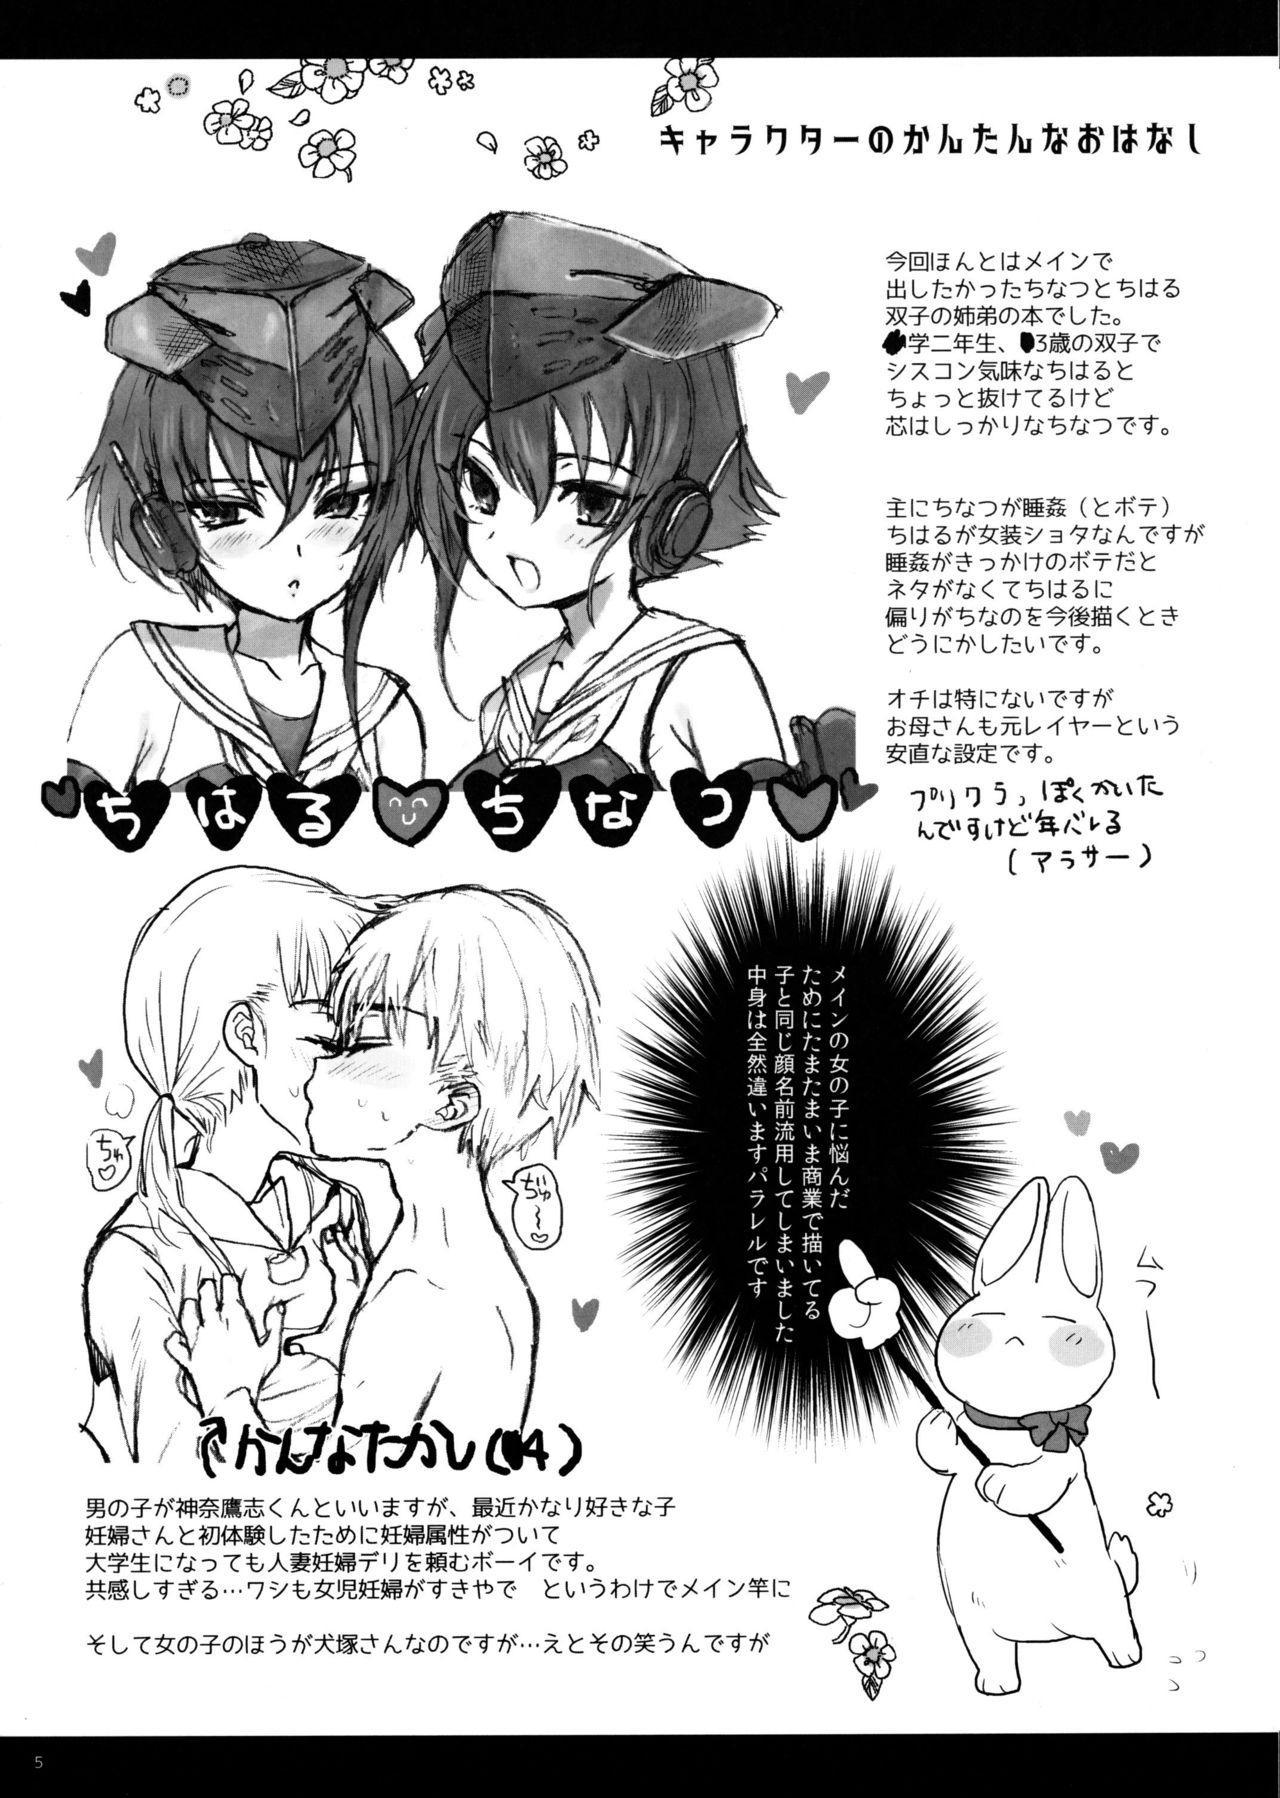 Tsume Erohon 7 4